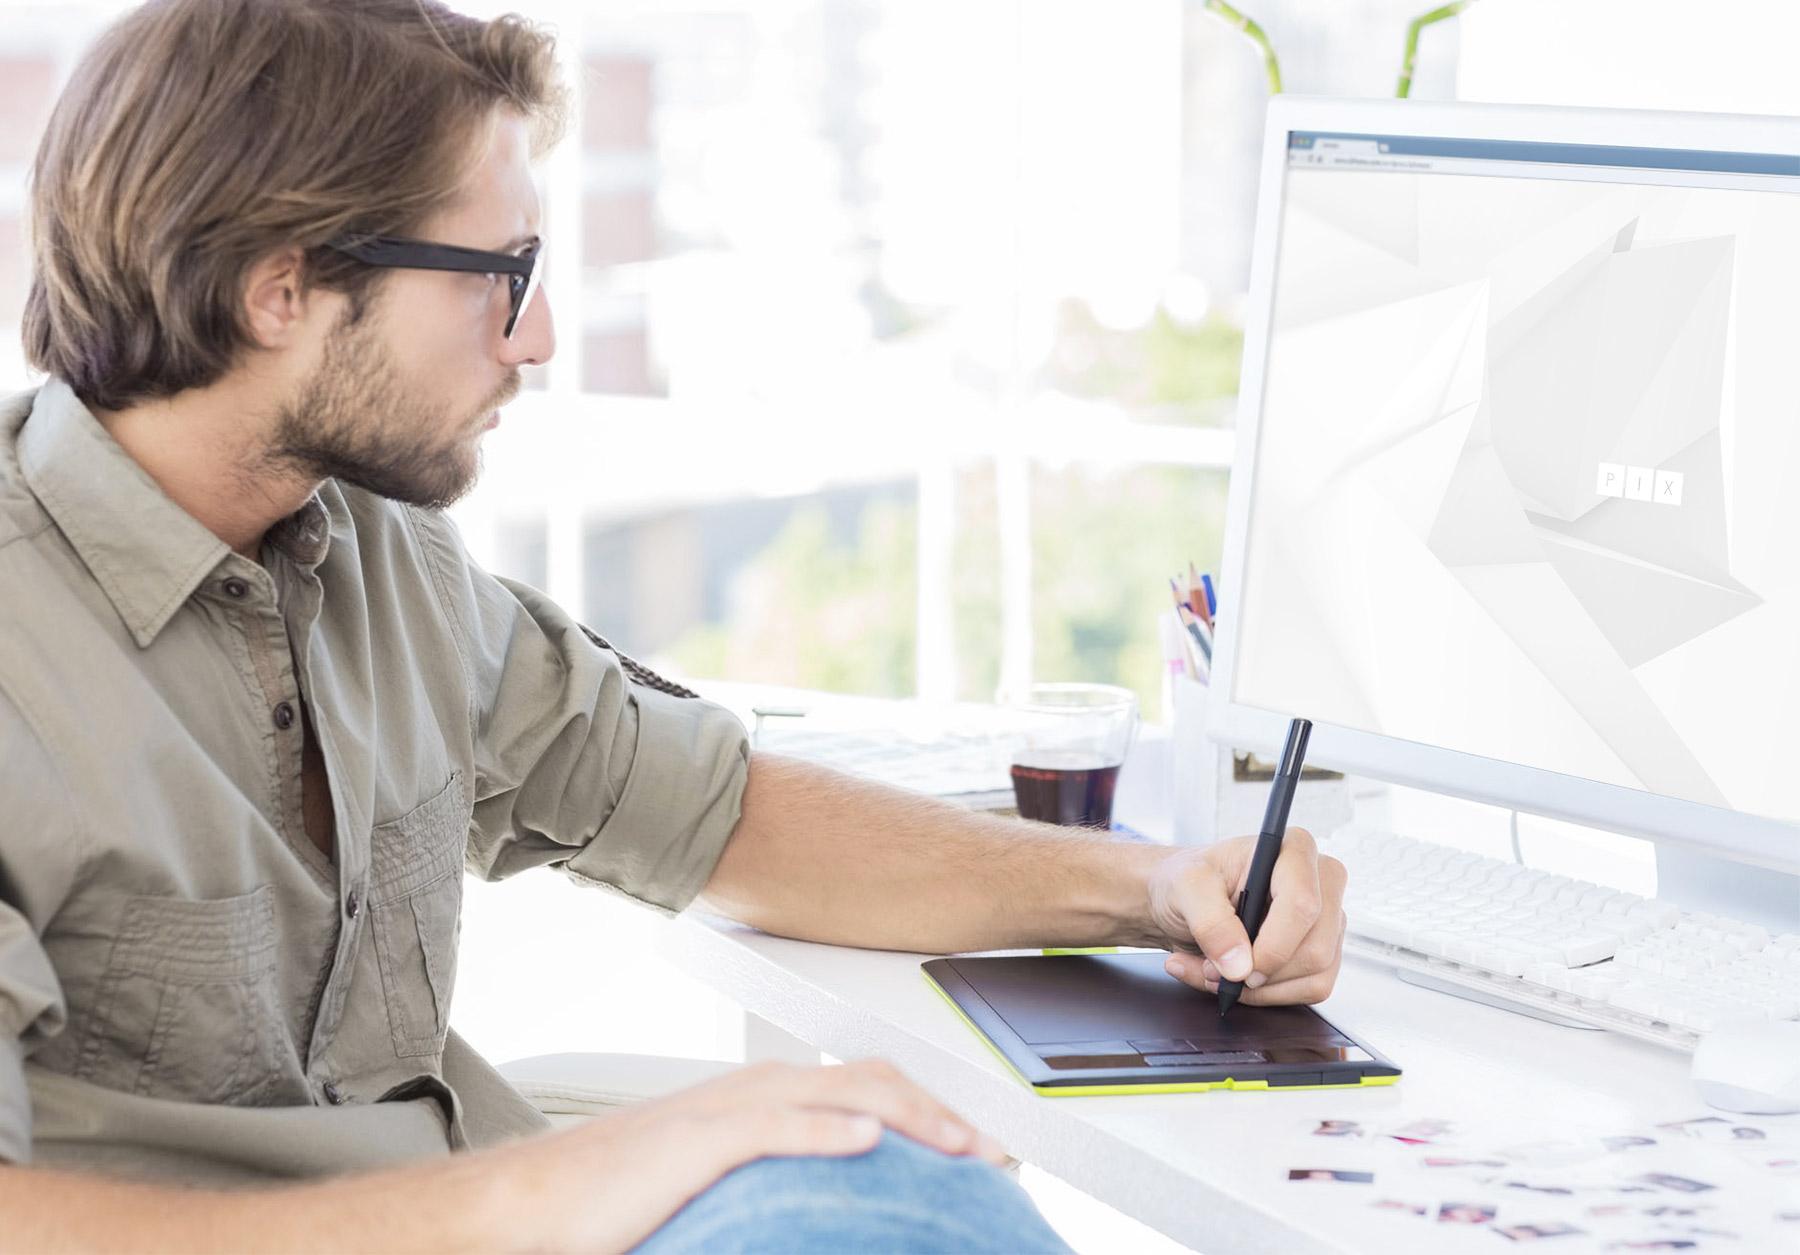 Веб-дизайн вакансии фриланс принцип удаленной работы